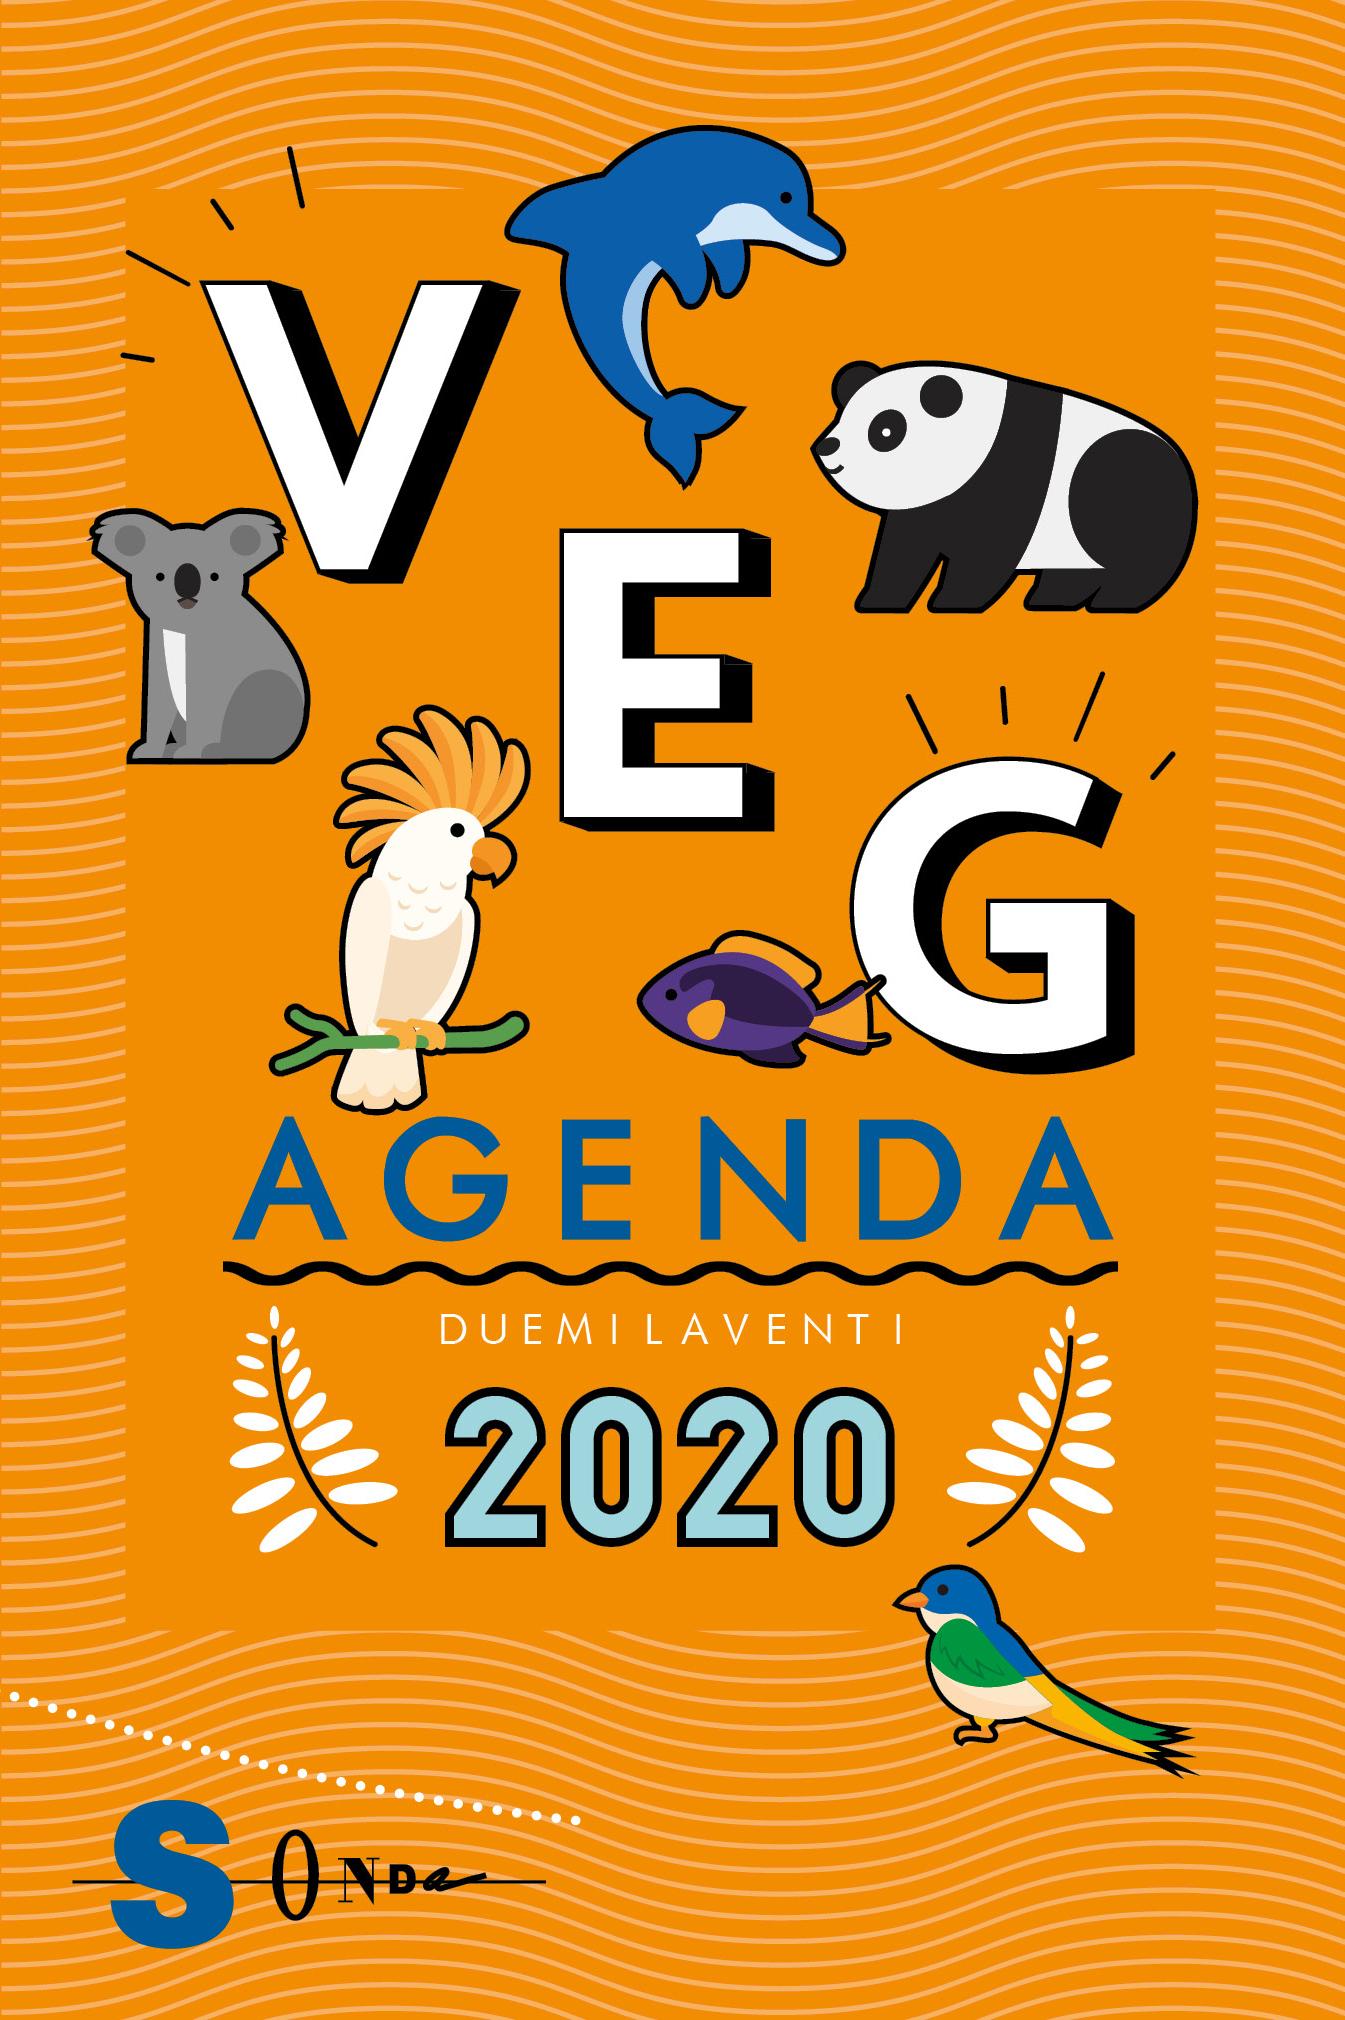 VegAgenda 2020